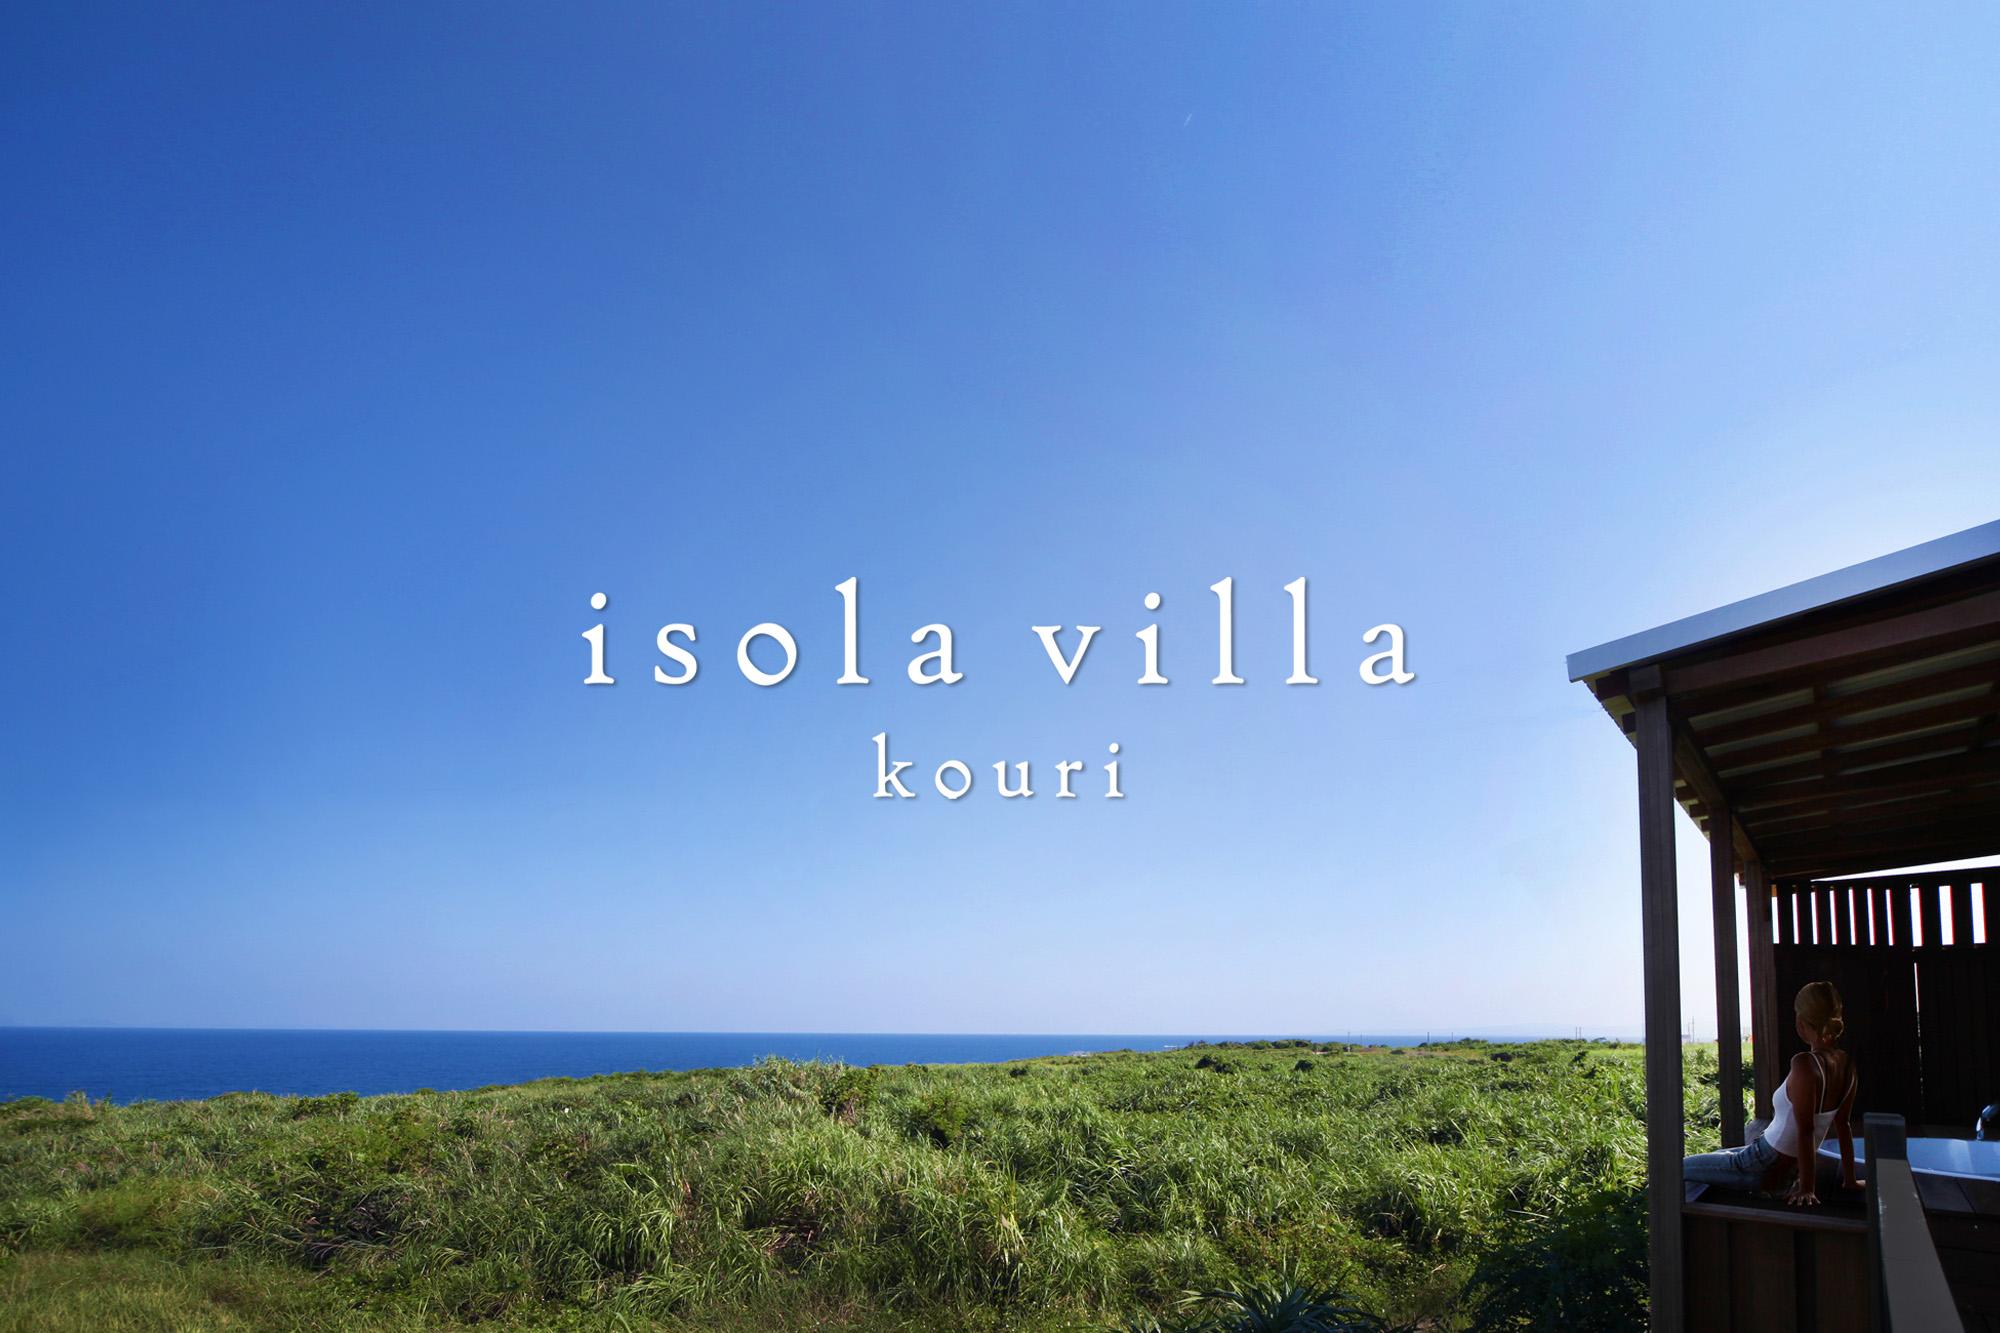 isola villa kouri(イゾラヴィラコウリ)沖縄・古宇利島の隠れ家プライベートヴィラ